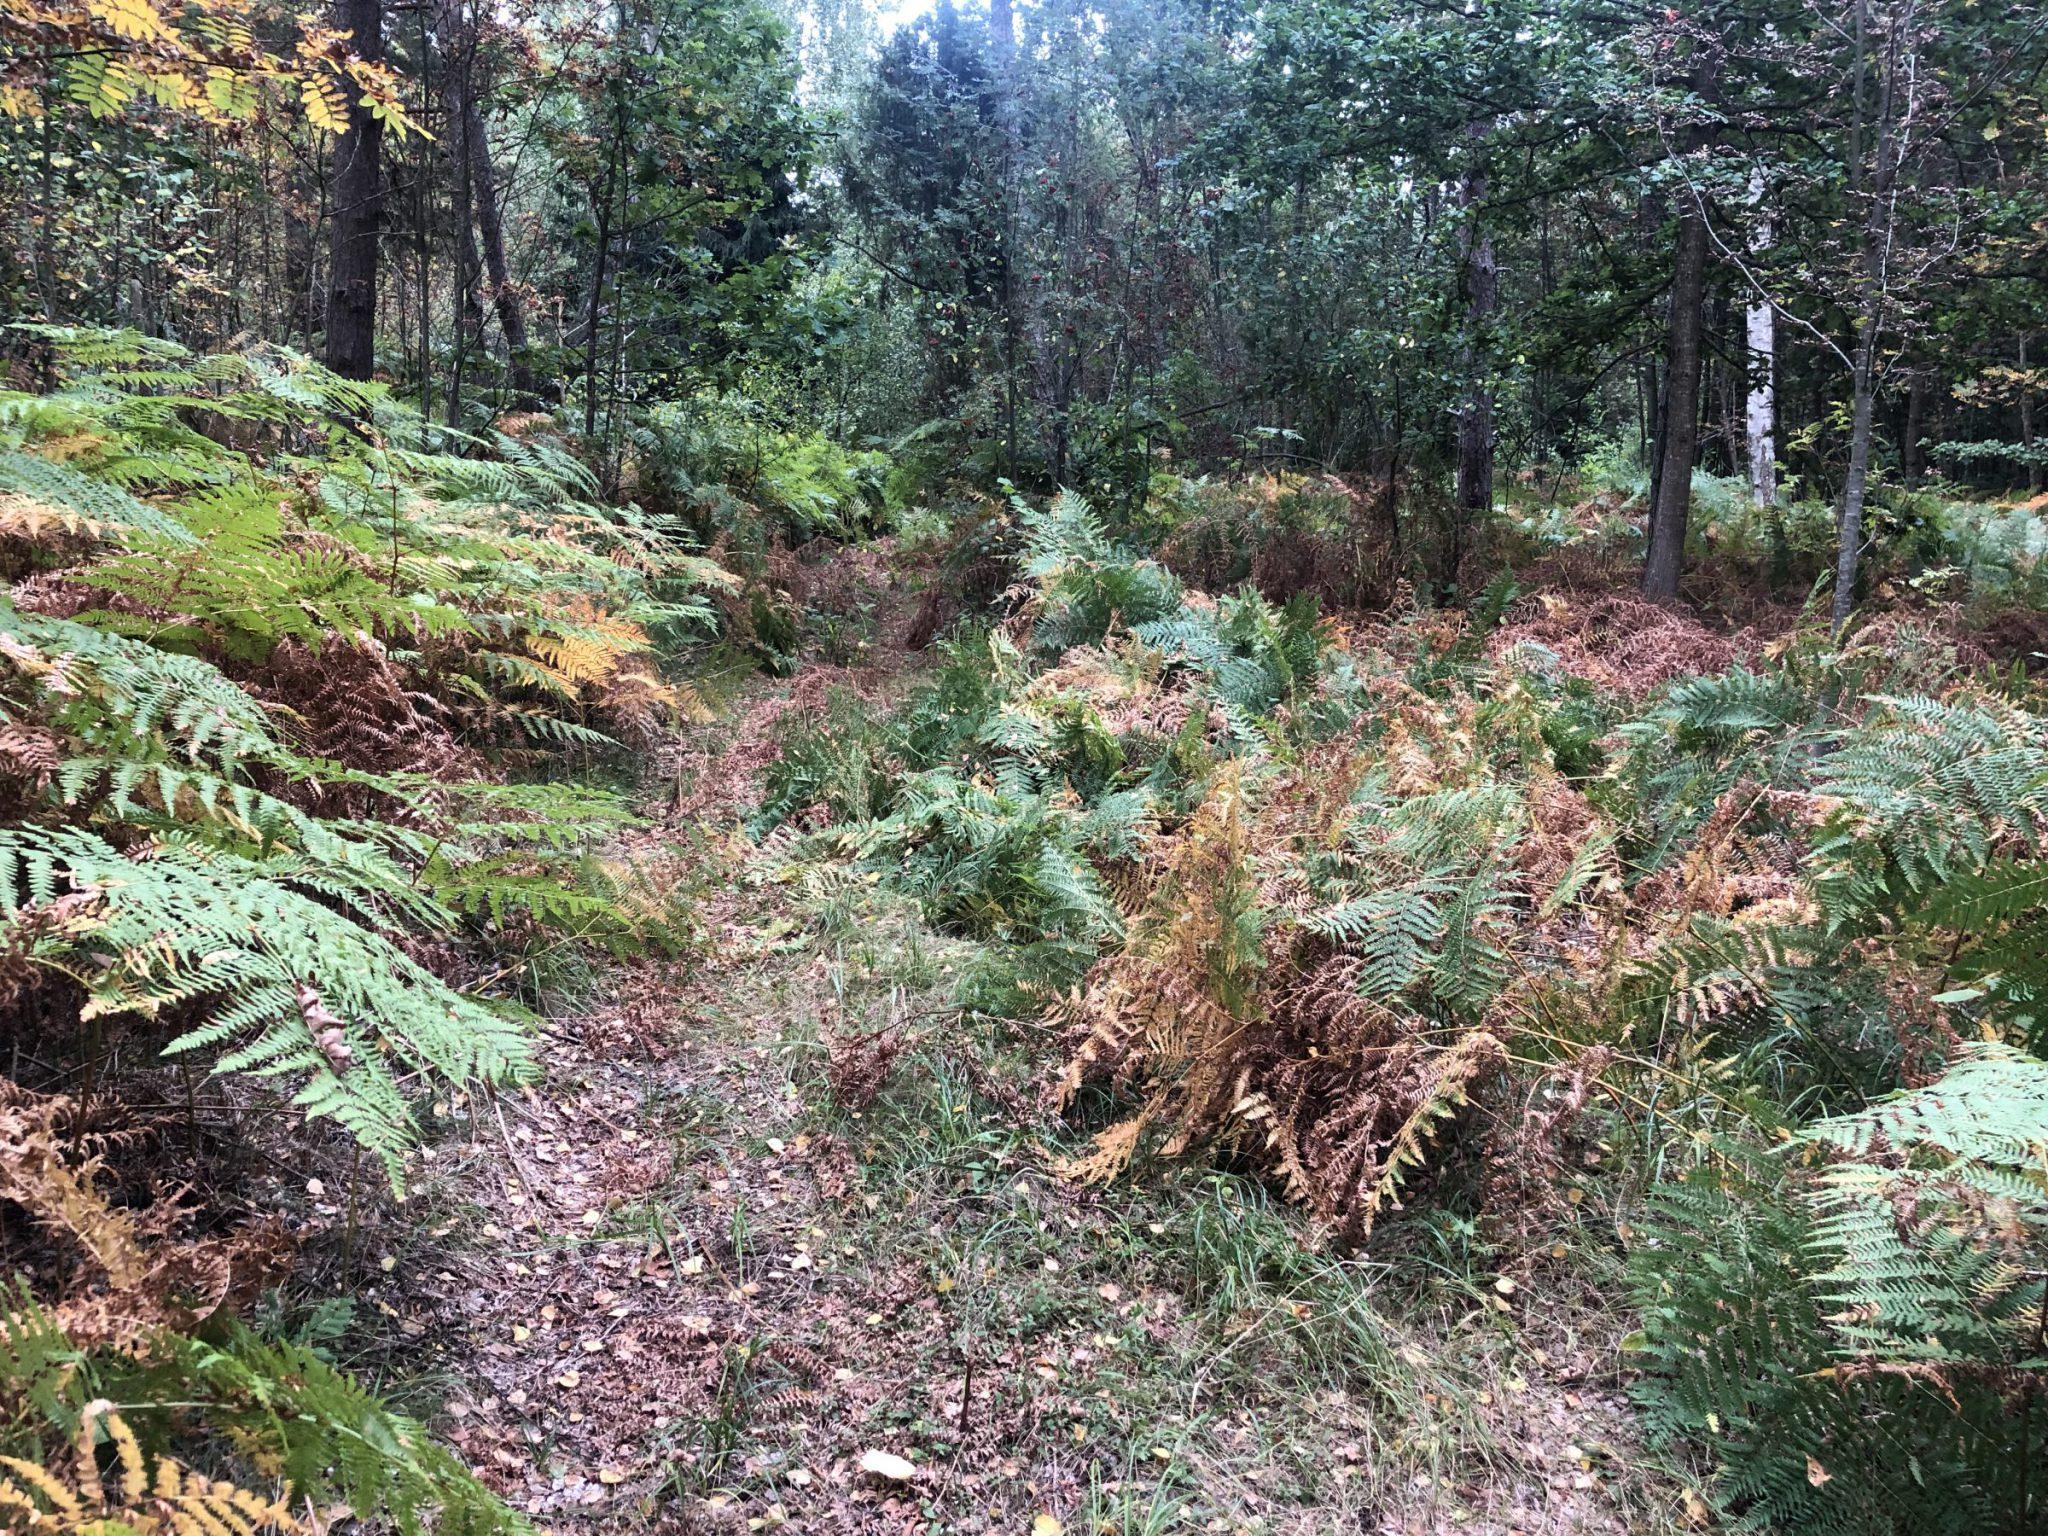 Der Farn steht mannshoch im Urwald von Pape Nationalpark an der kurischen Nehrung